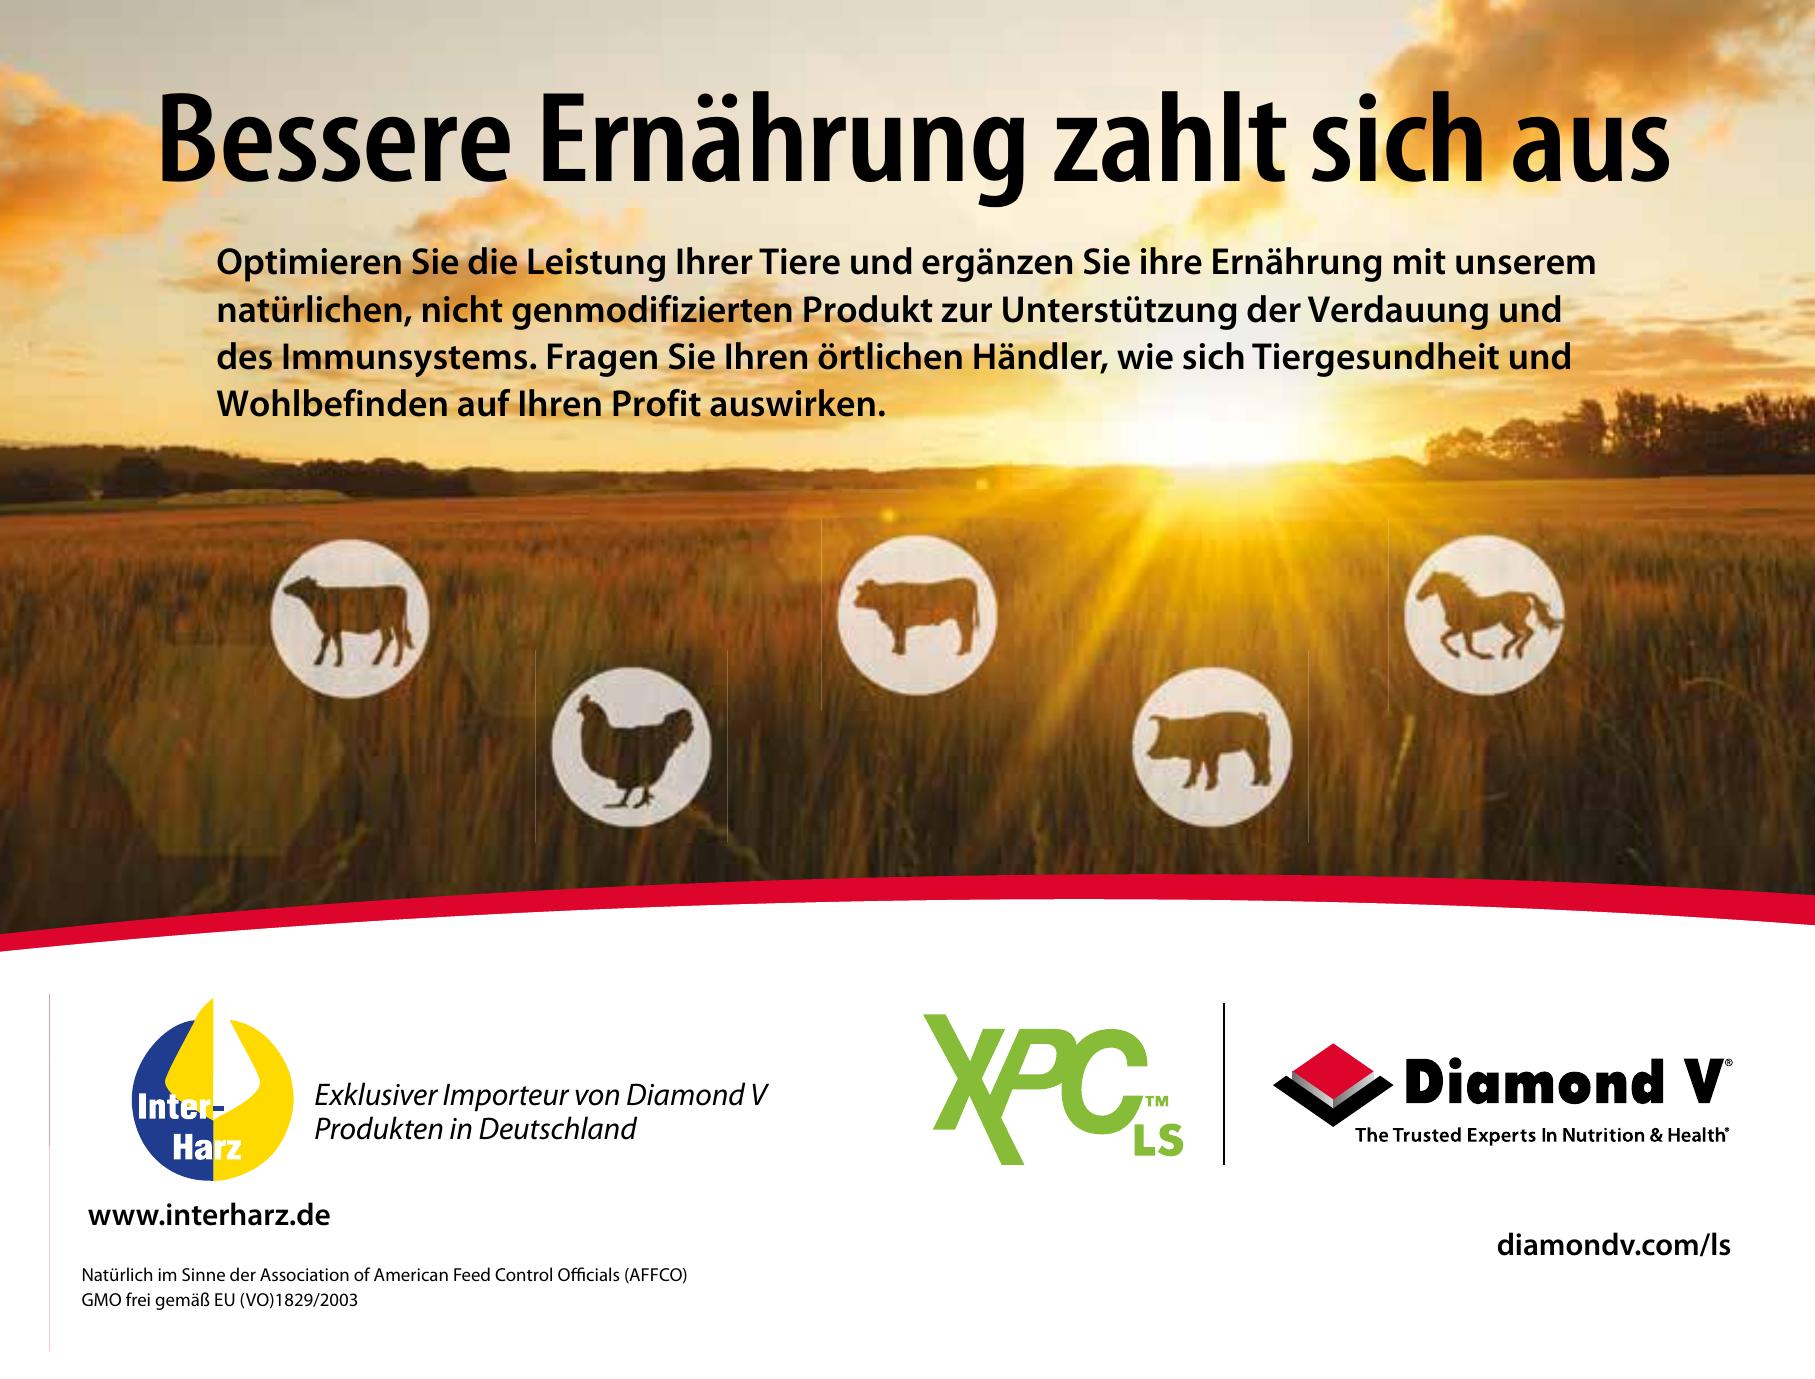 Inter-Harz GmbH - Exklusiver Importeur von Diamond V Produkten in Deutschland